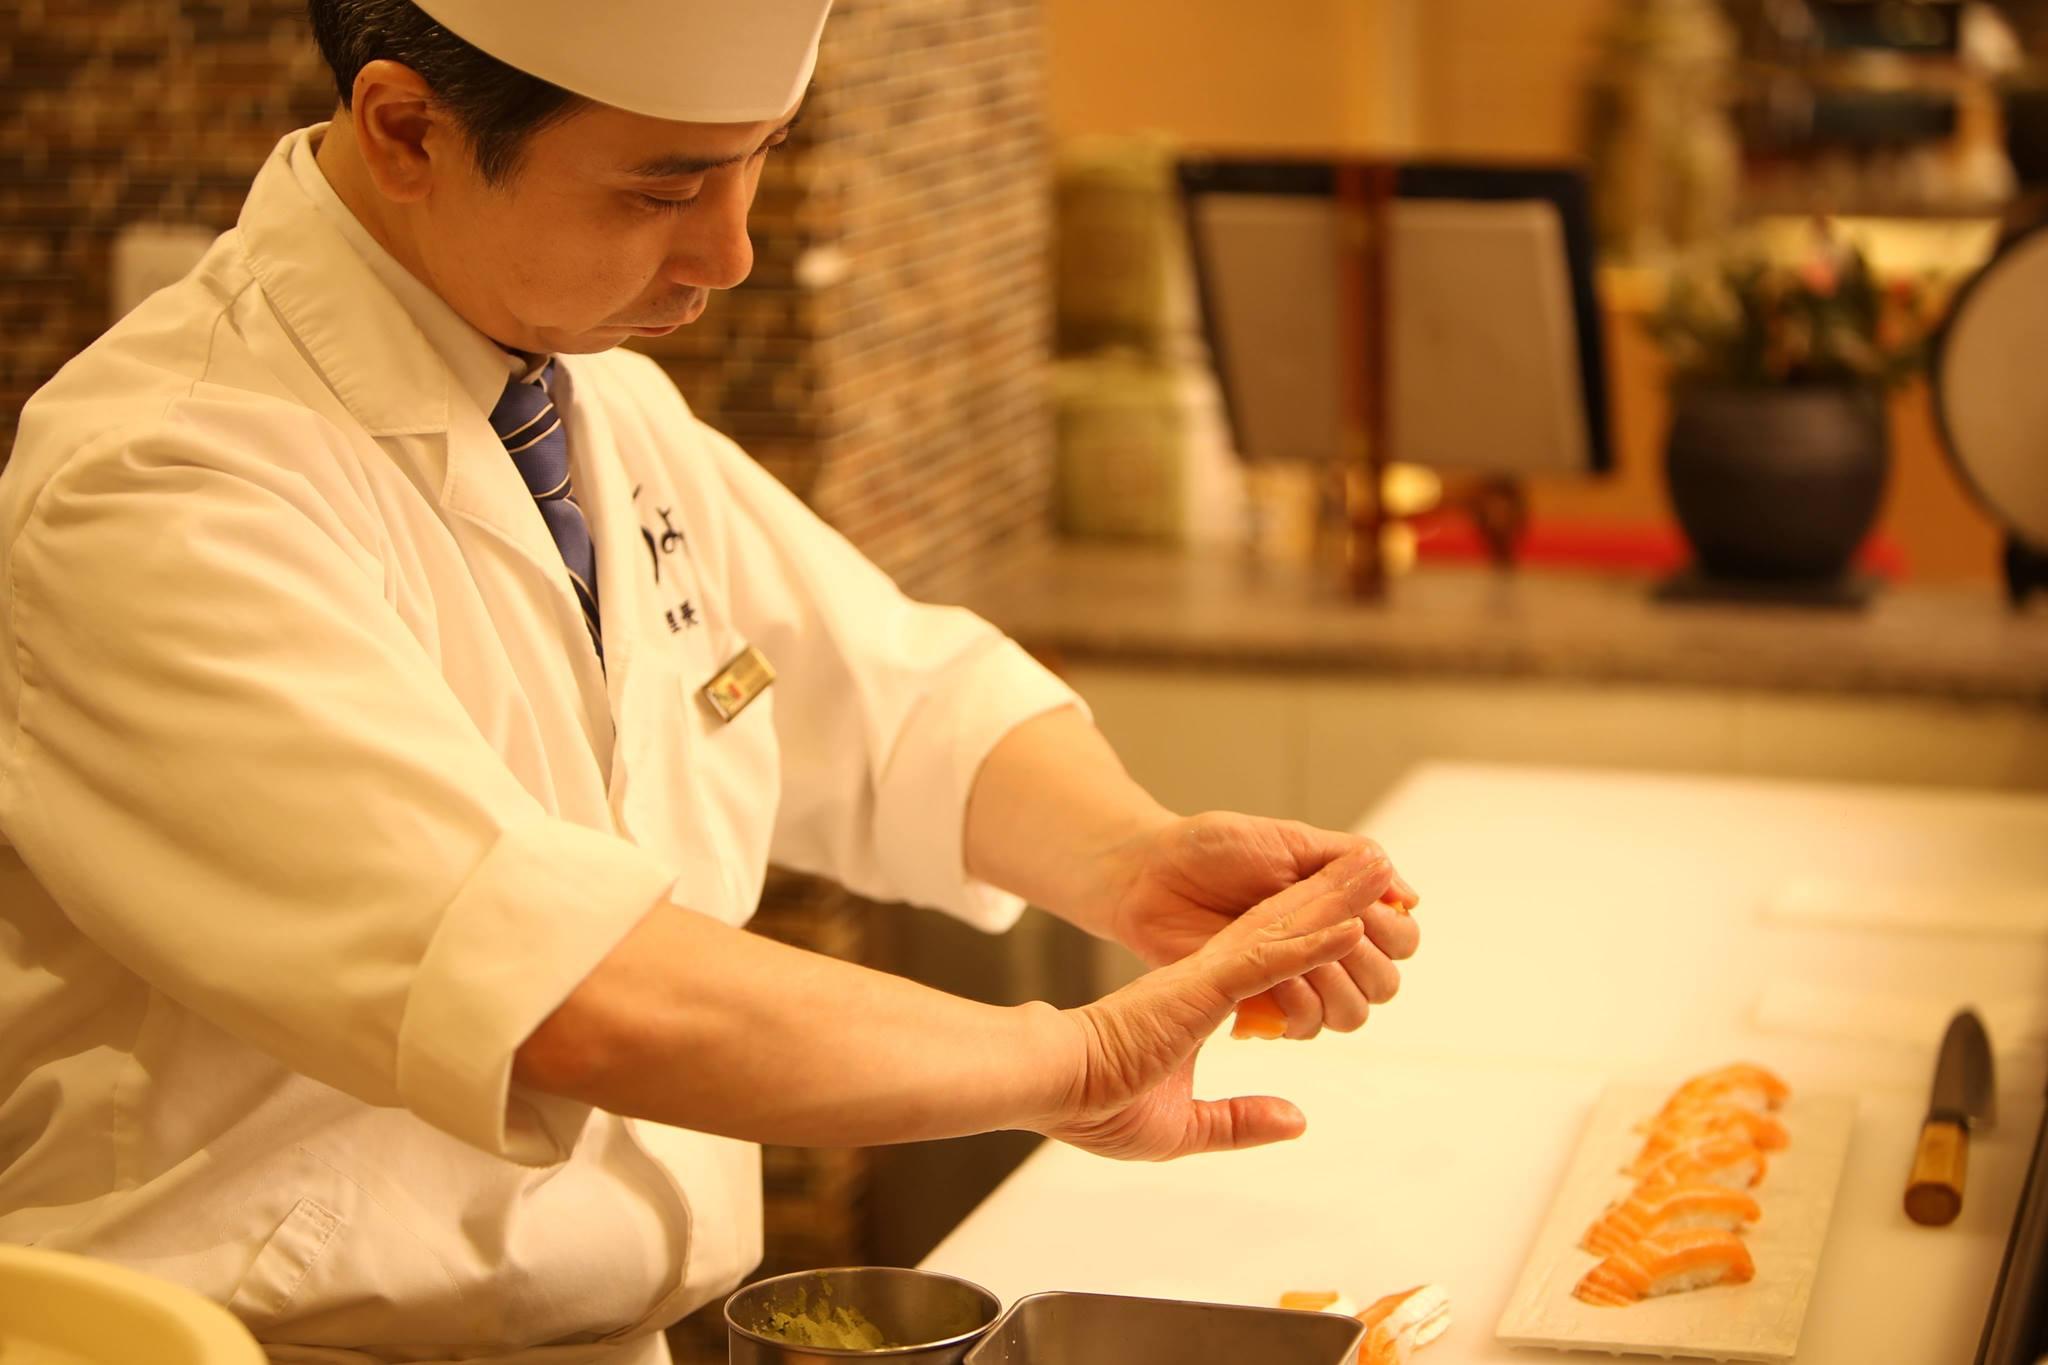 ちよだ鮨,ちよだ,寿司,レストラン,ホーチミン,和食,日本食,個室,接待